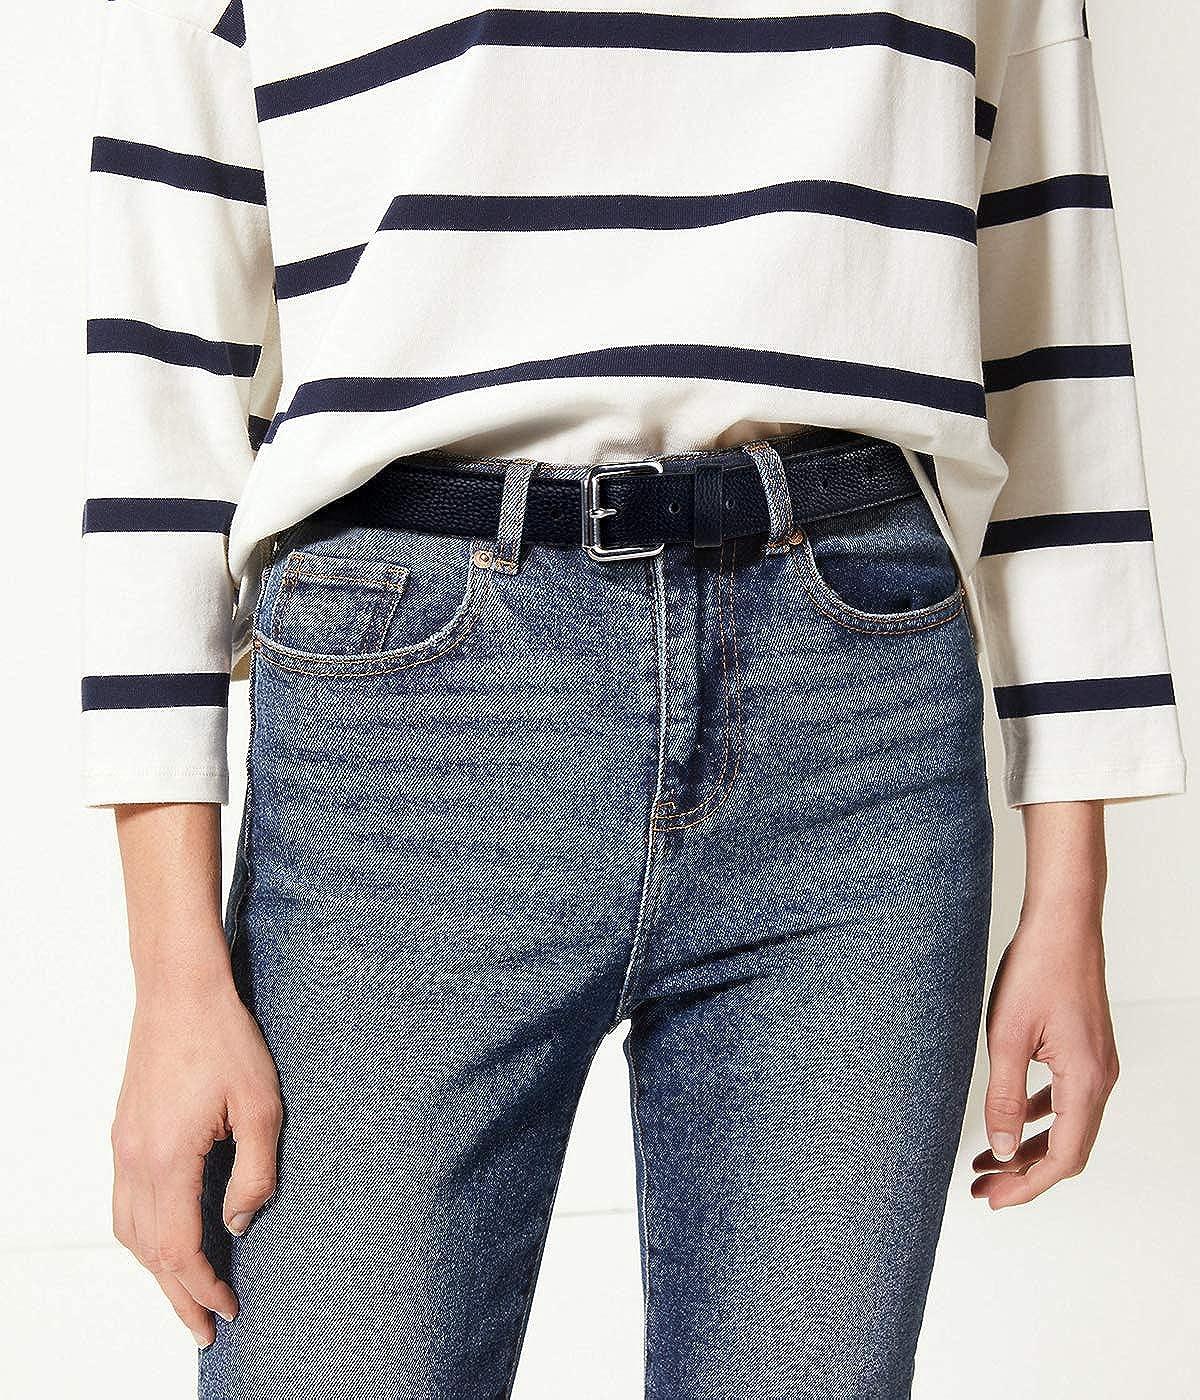 Chaps Femme Ceinture skinny en jean. Ceinture Noir Profond